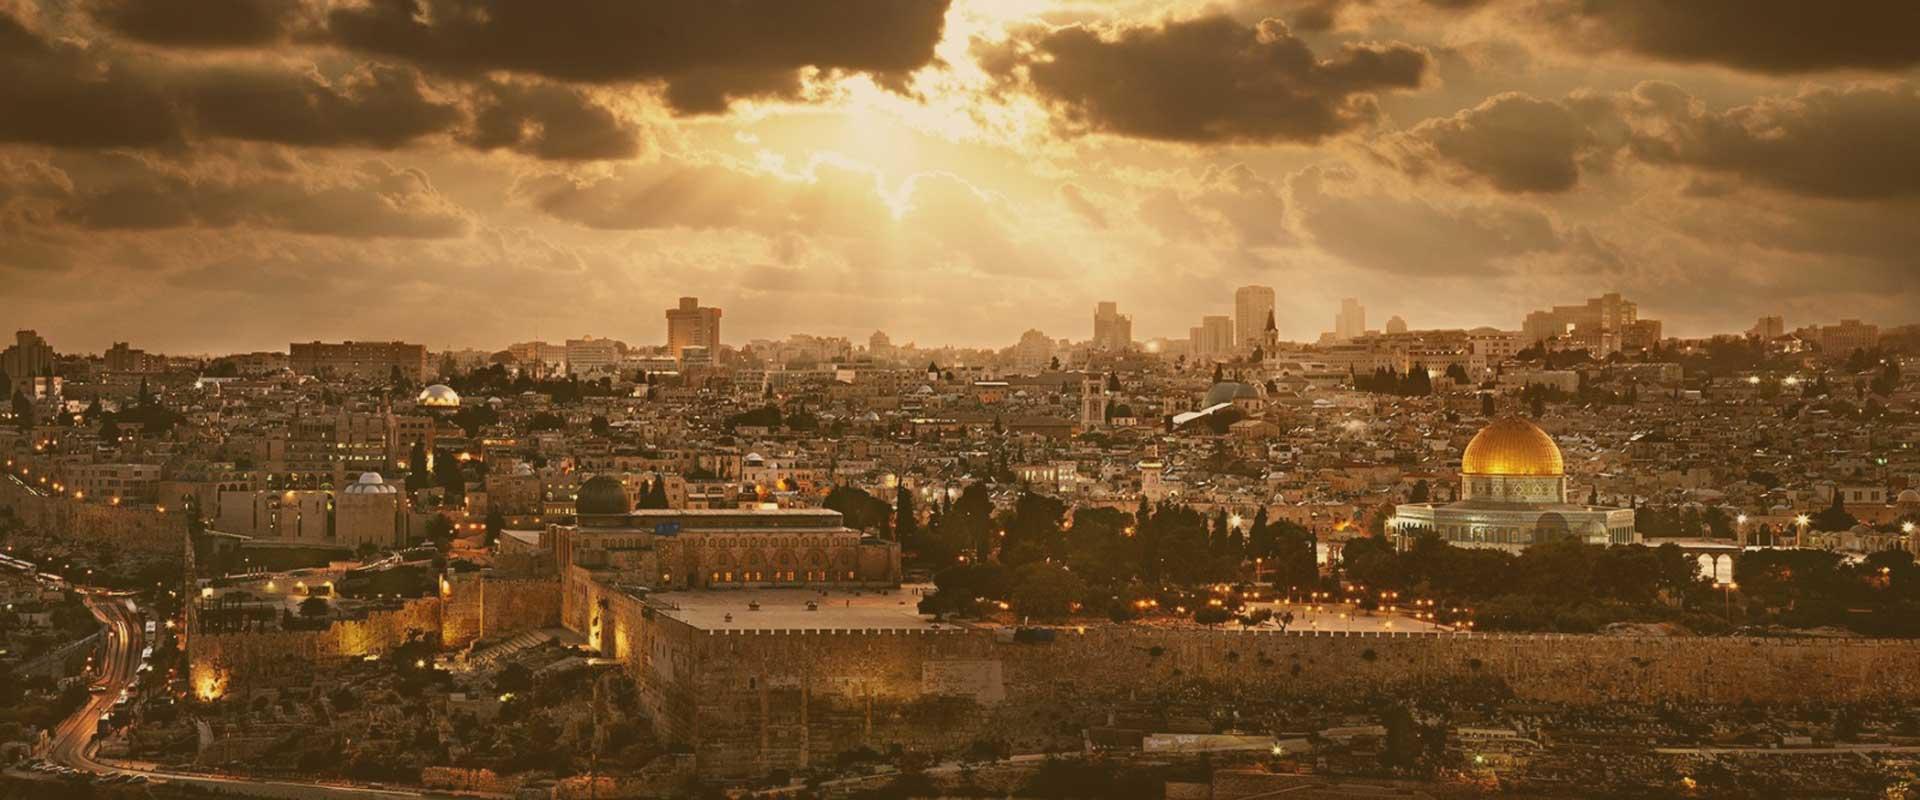 Kudüs Ölüdeniz Turu